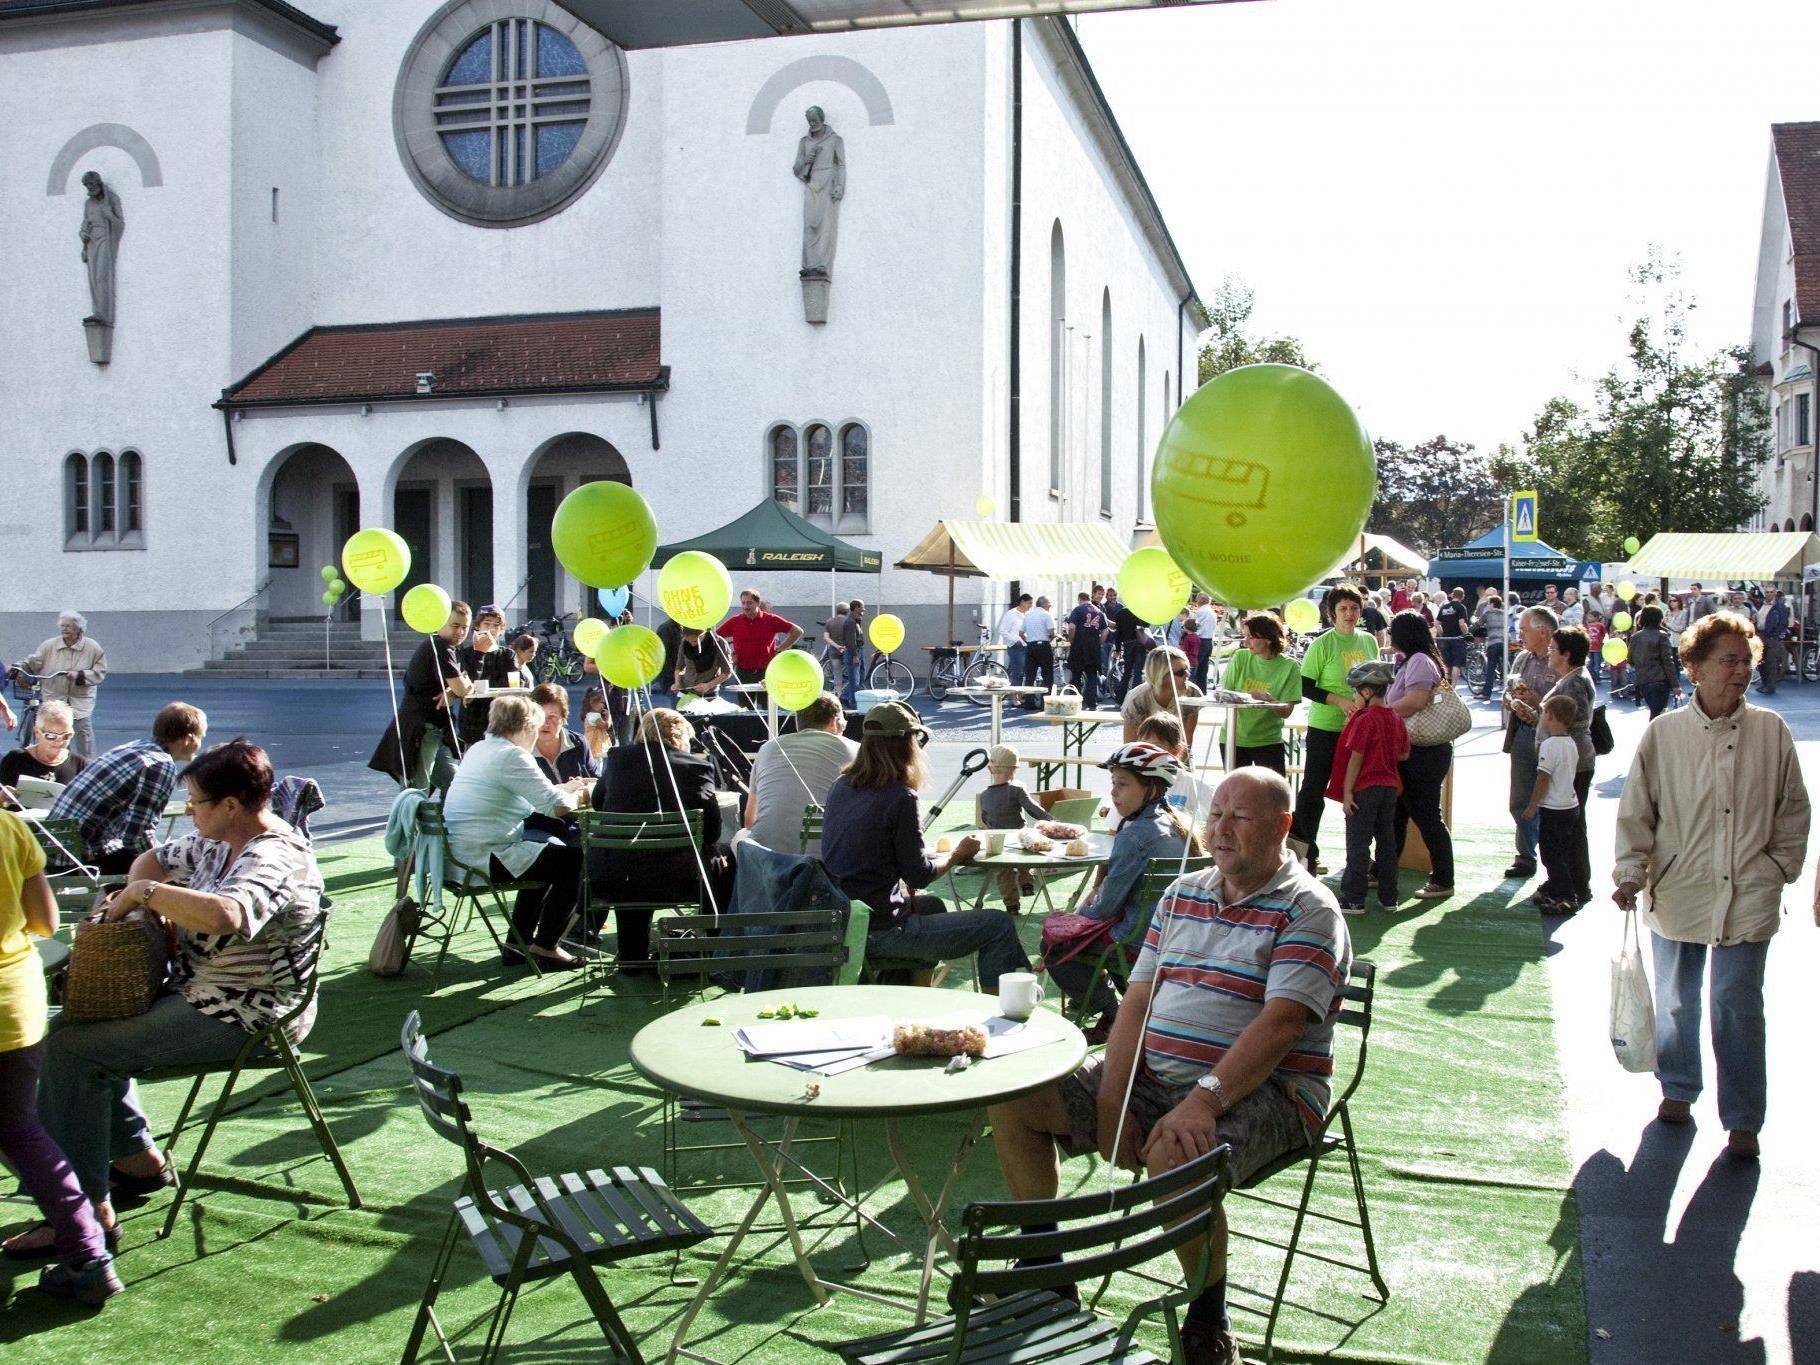 Der Kirchplatz verwandelt sich in einen informativen Marktplatz.